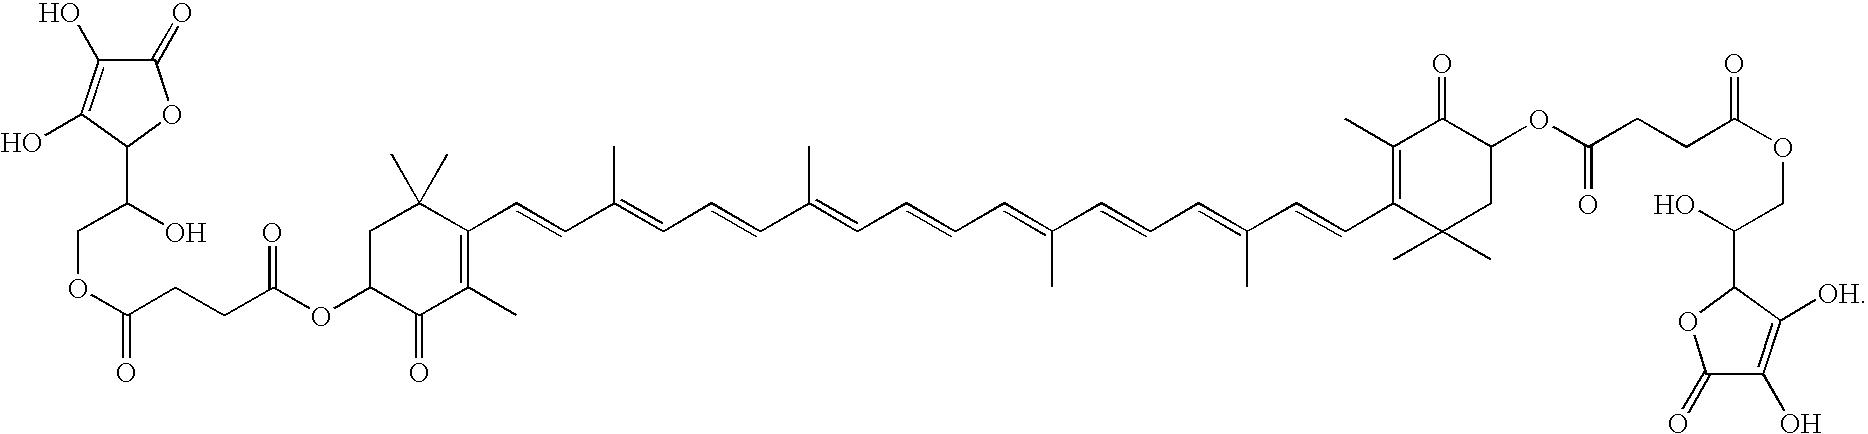 Figure US20050075337A1-20050407-C00109